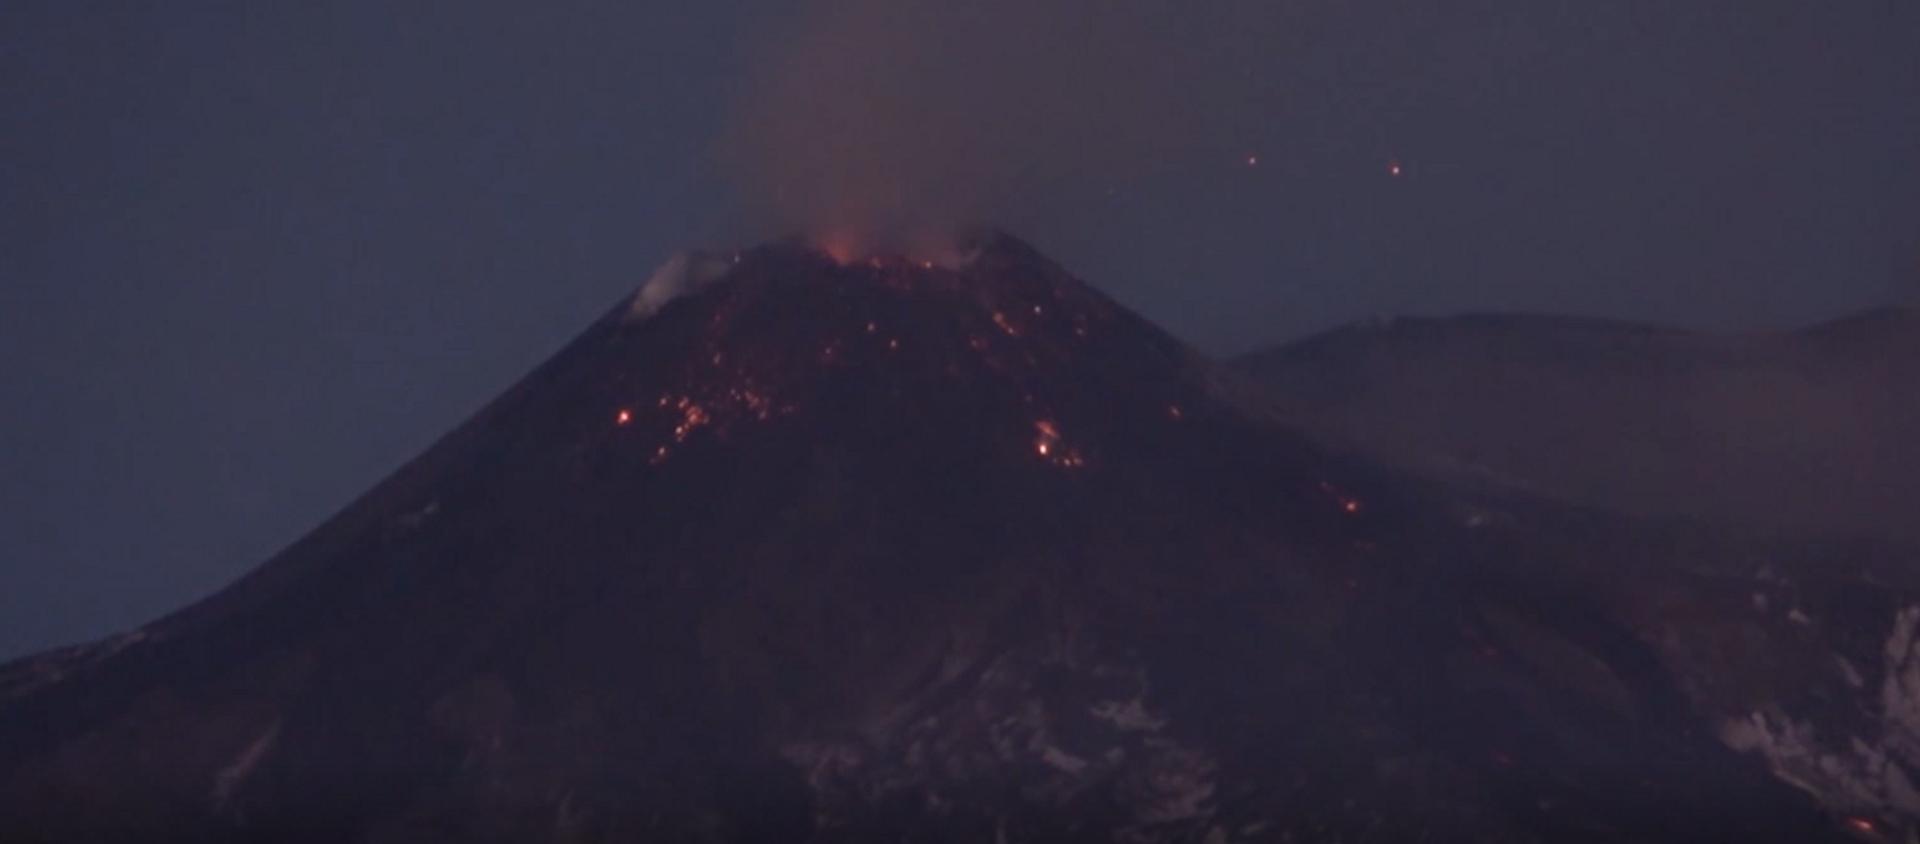 El volcán Etna vuelve a mostrar su carácter inflamable  - Sputnik Mundo, 1920, 20.01.2021